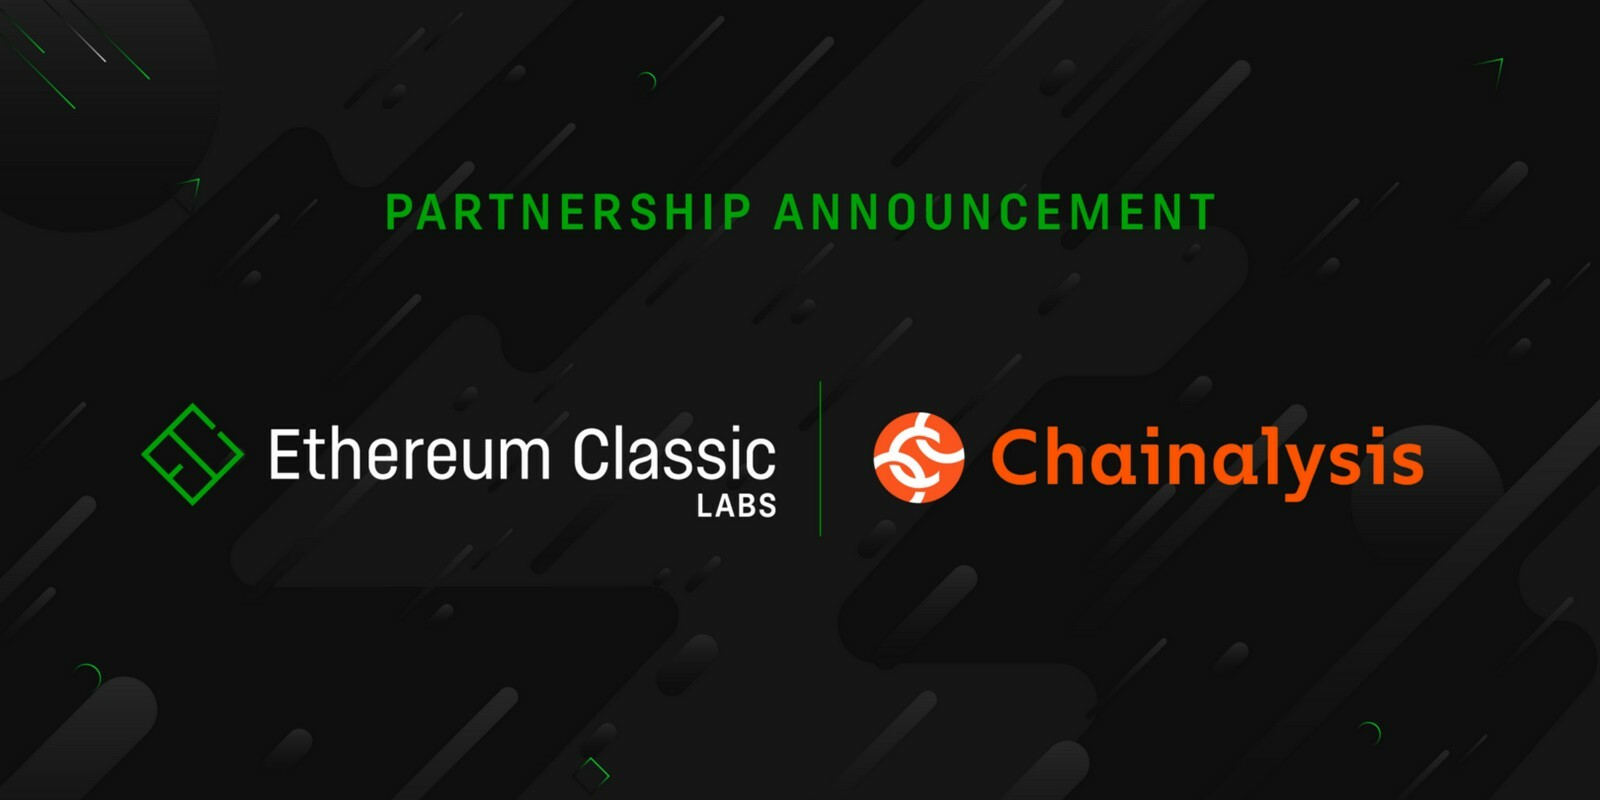 Ethereum Classic Labs s'associe à Chainalysis pour mieux pister les transactions